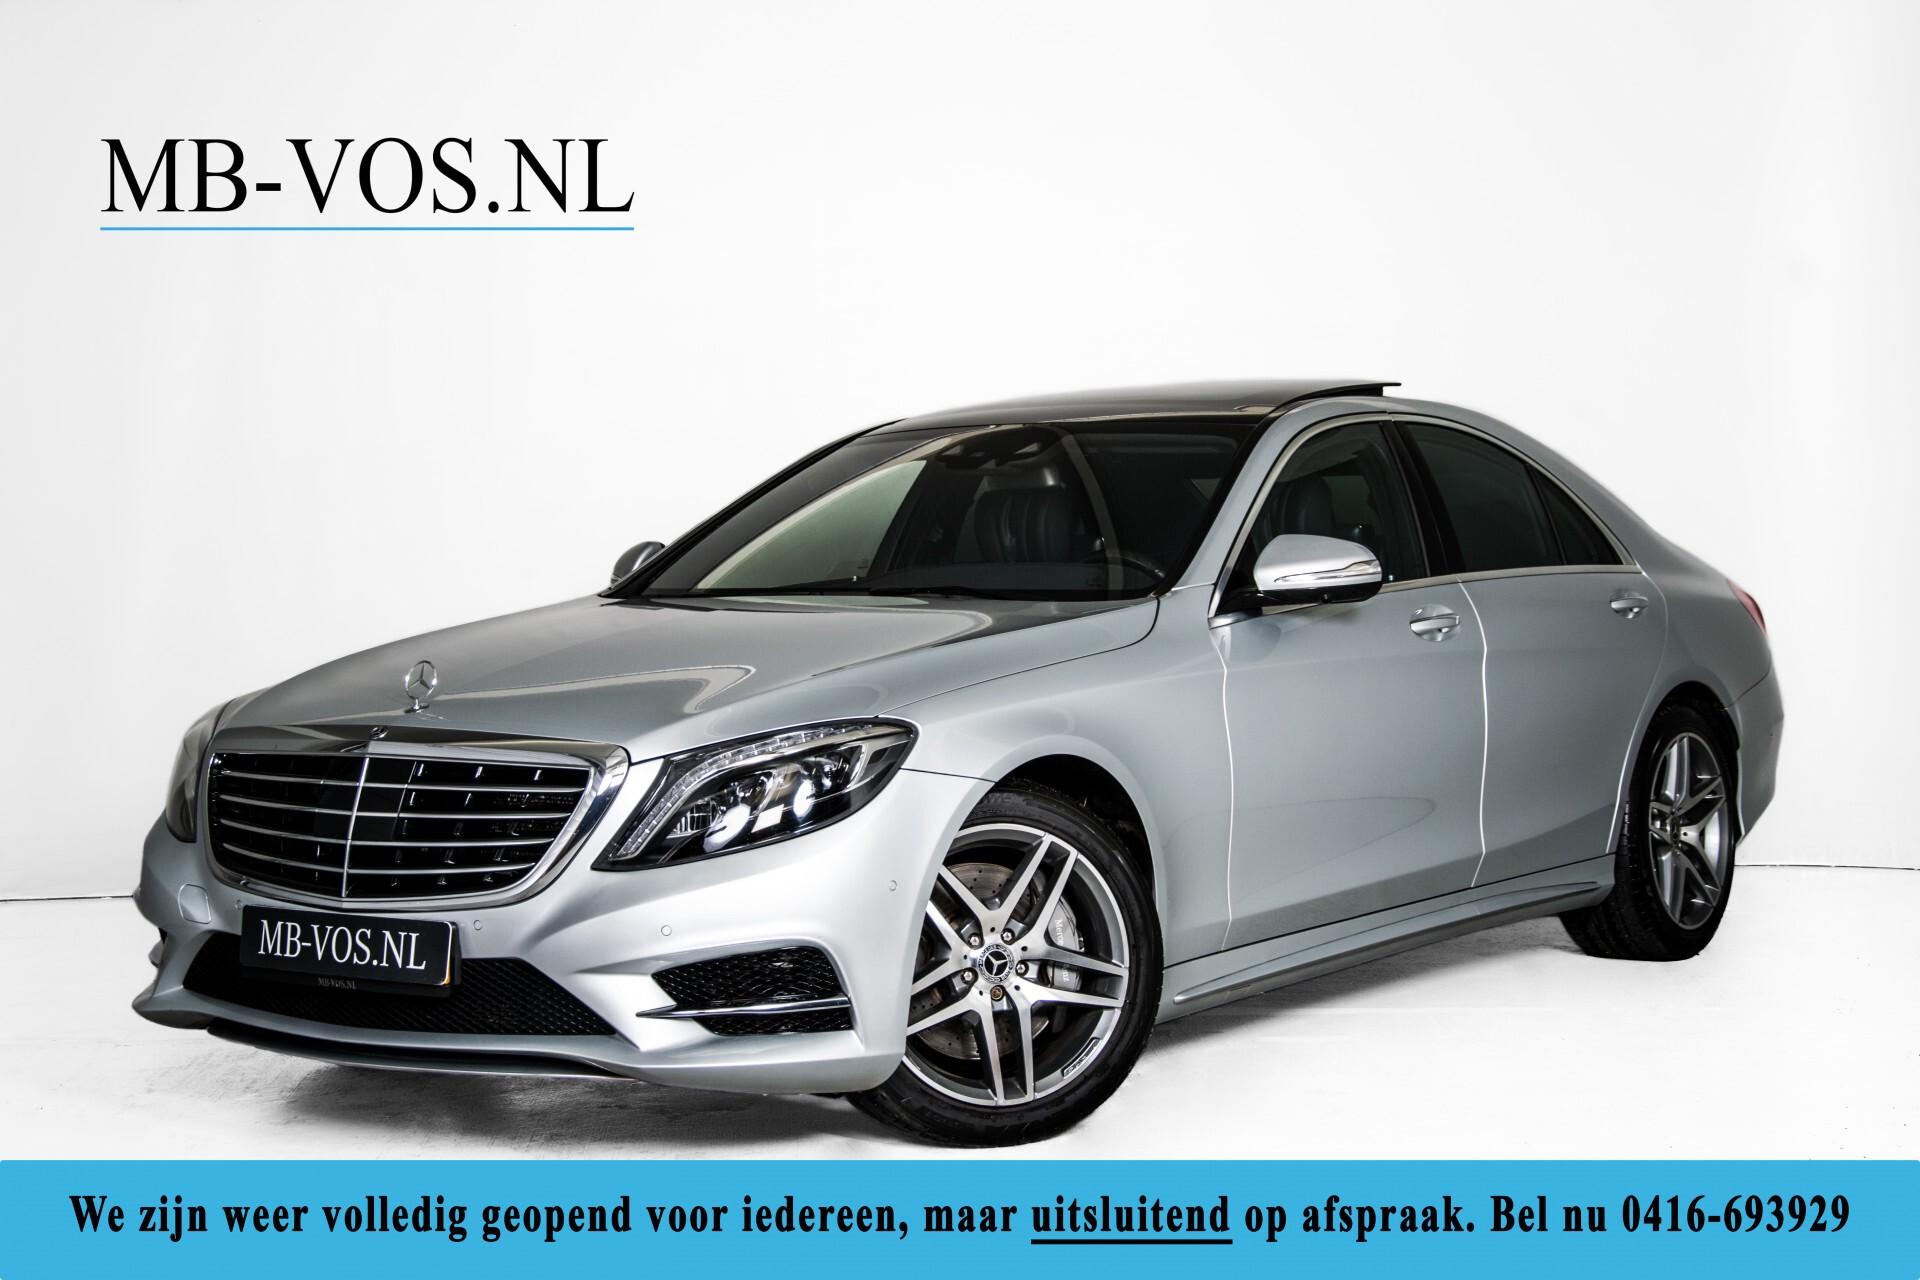 Mercedes-Benz S-Klasse 400 Hybrid AMG Entertainment/Rij-assistentie/Panorama Aut7 Foto 1